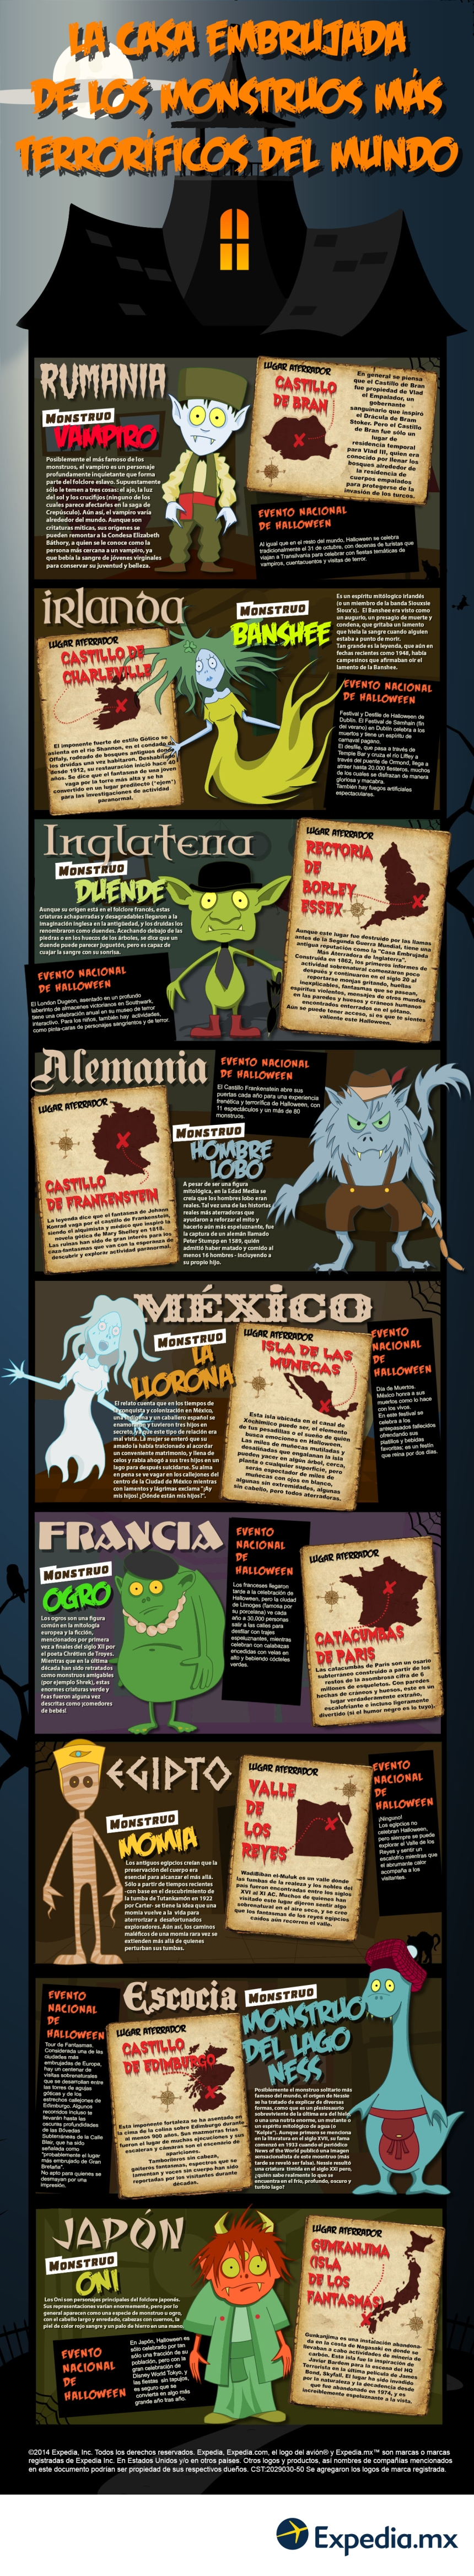 Cómo usar Monstruos en Marketing Turístico